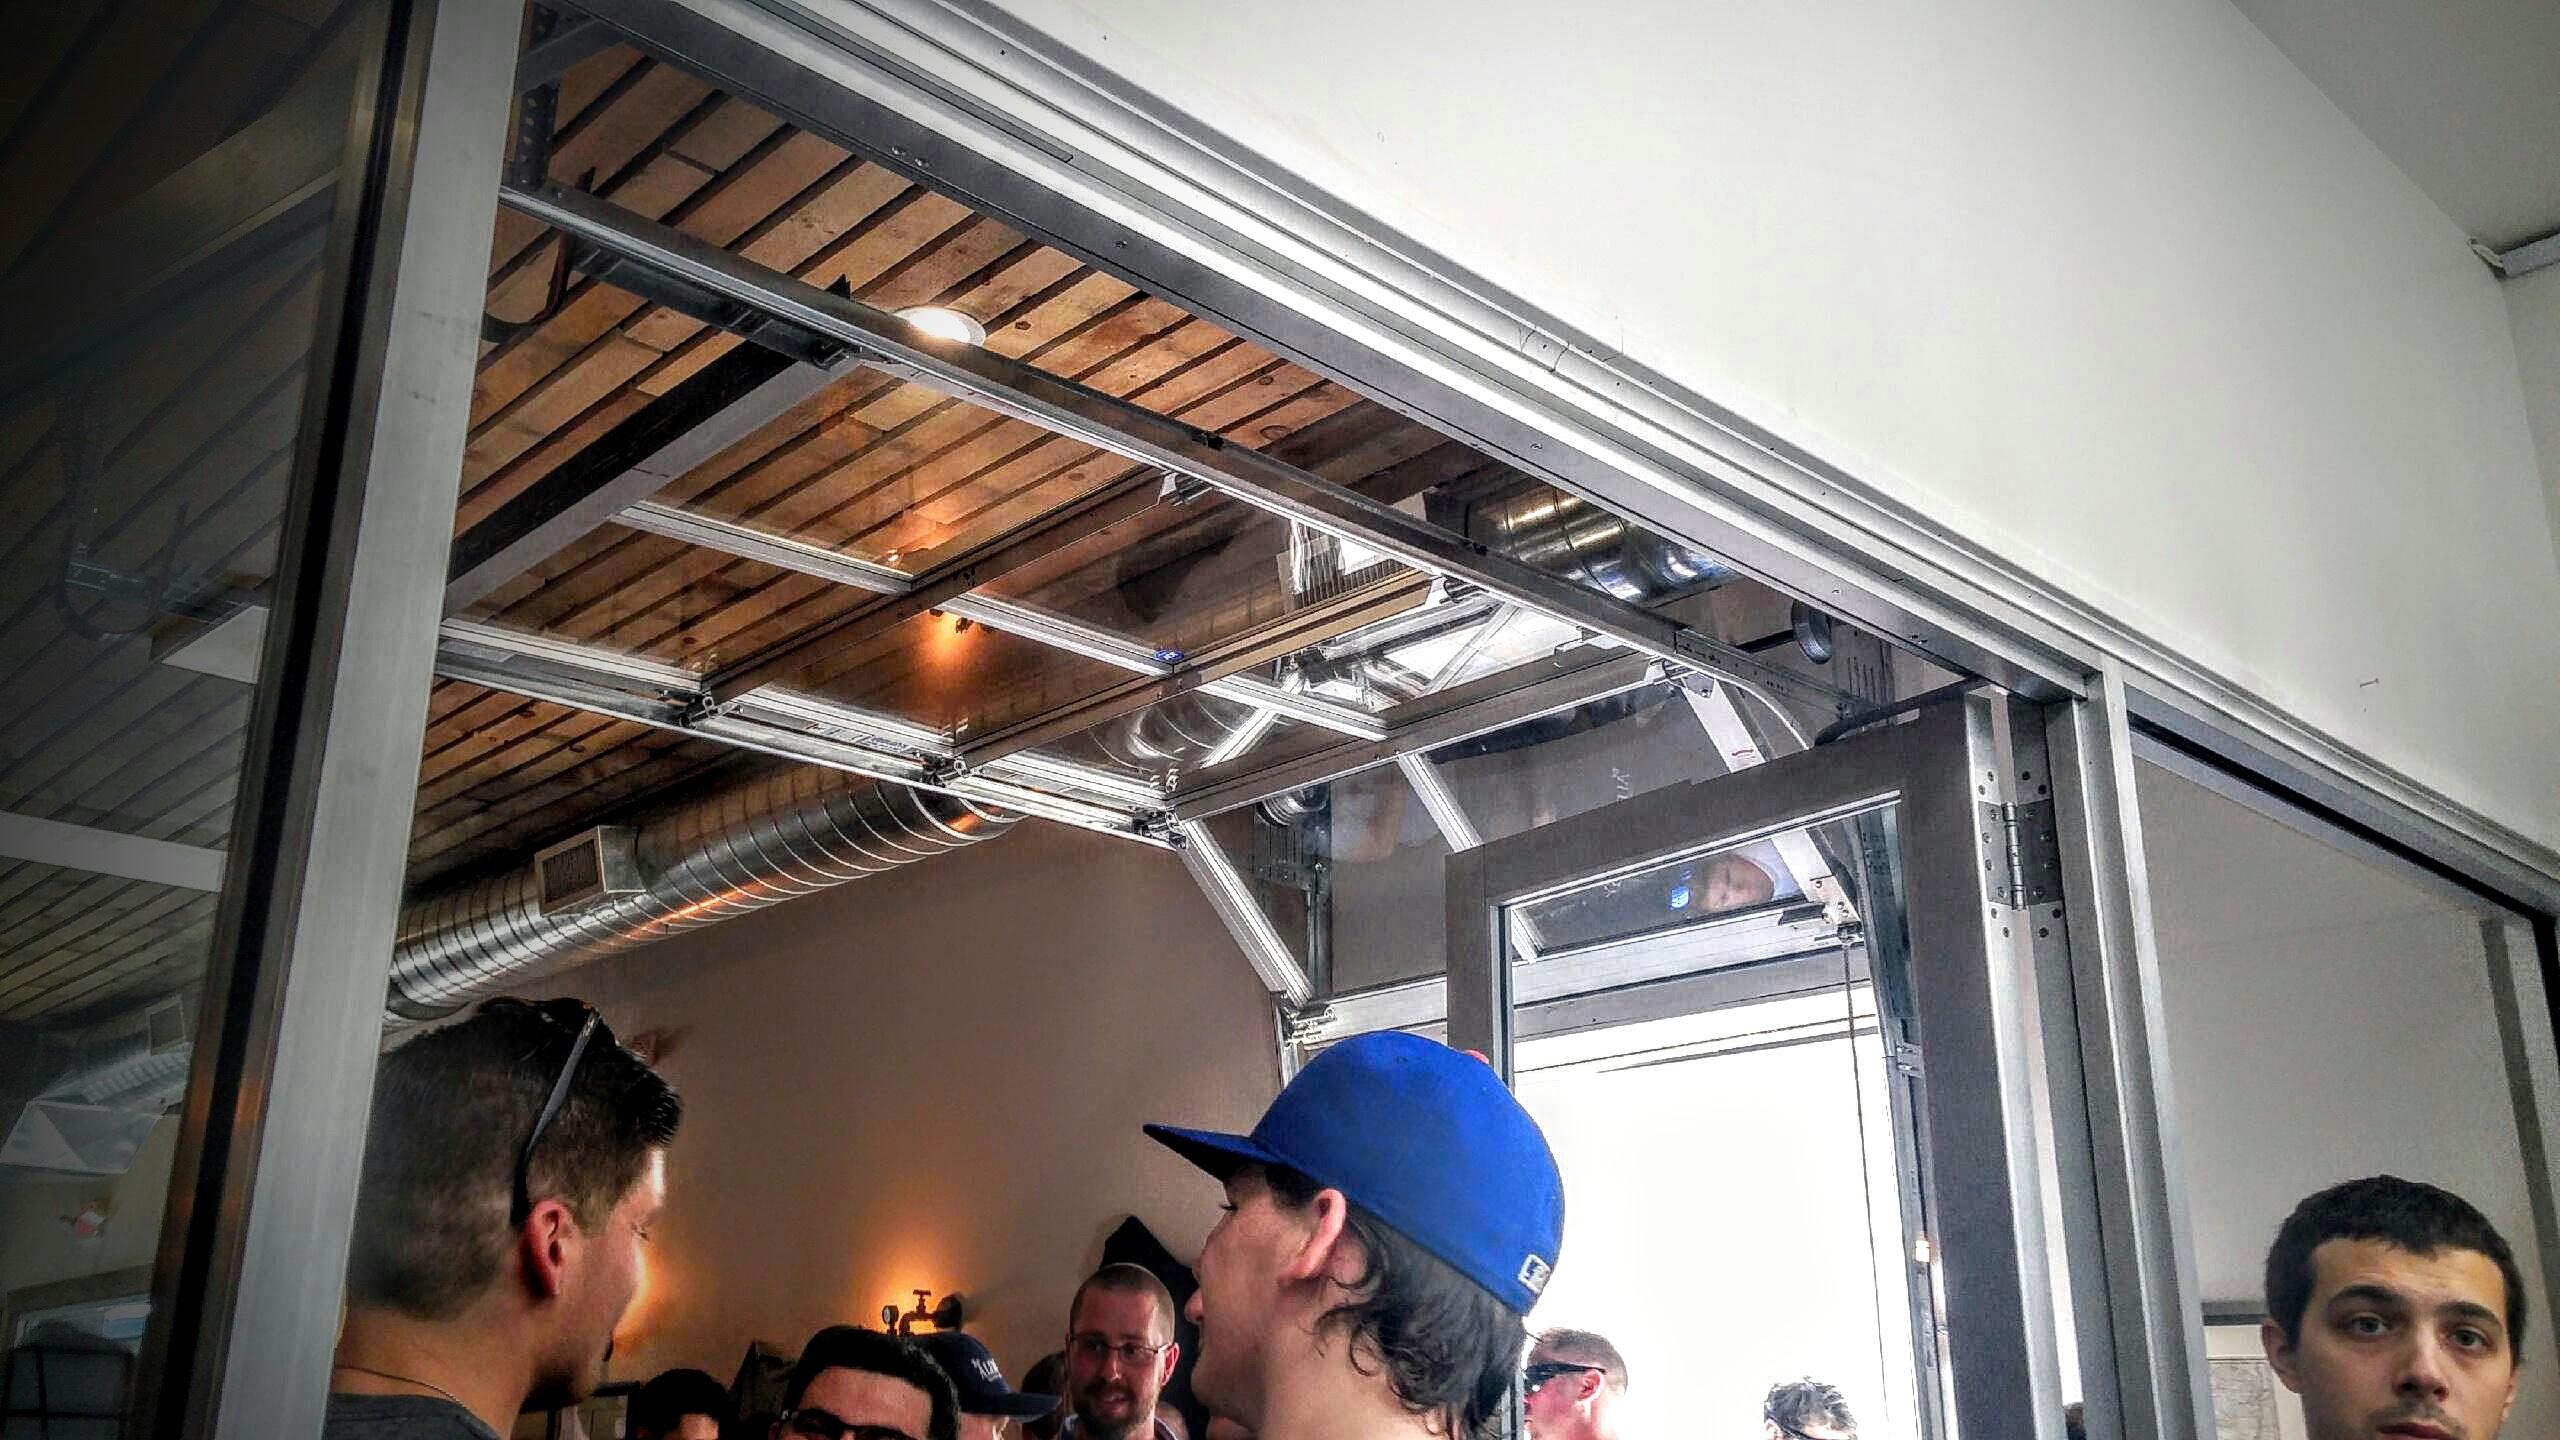 Alementary-Micro-Brewery-Glass-Garage-Door-Bergen-County-Hackensack.jpg